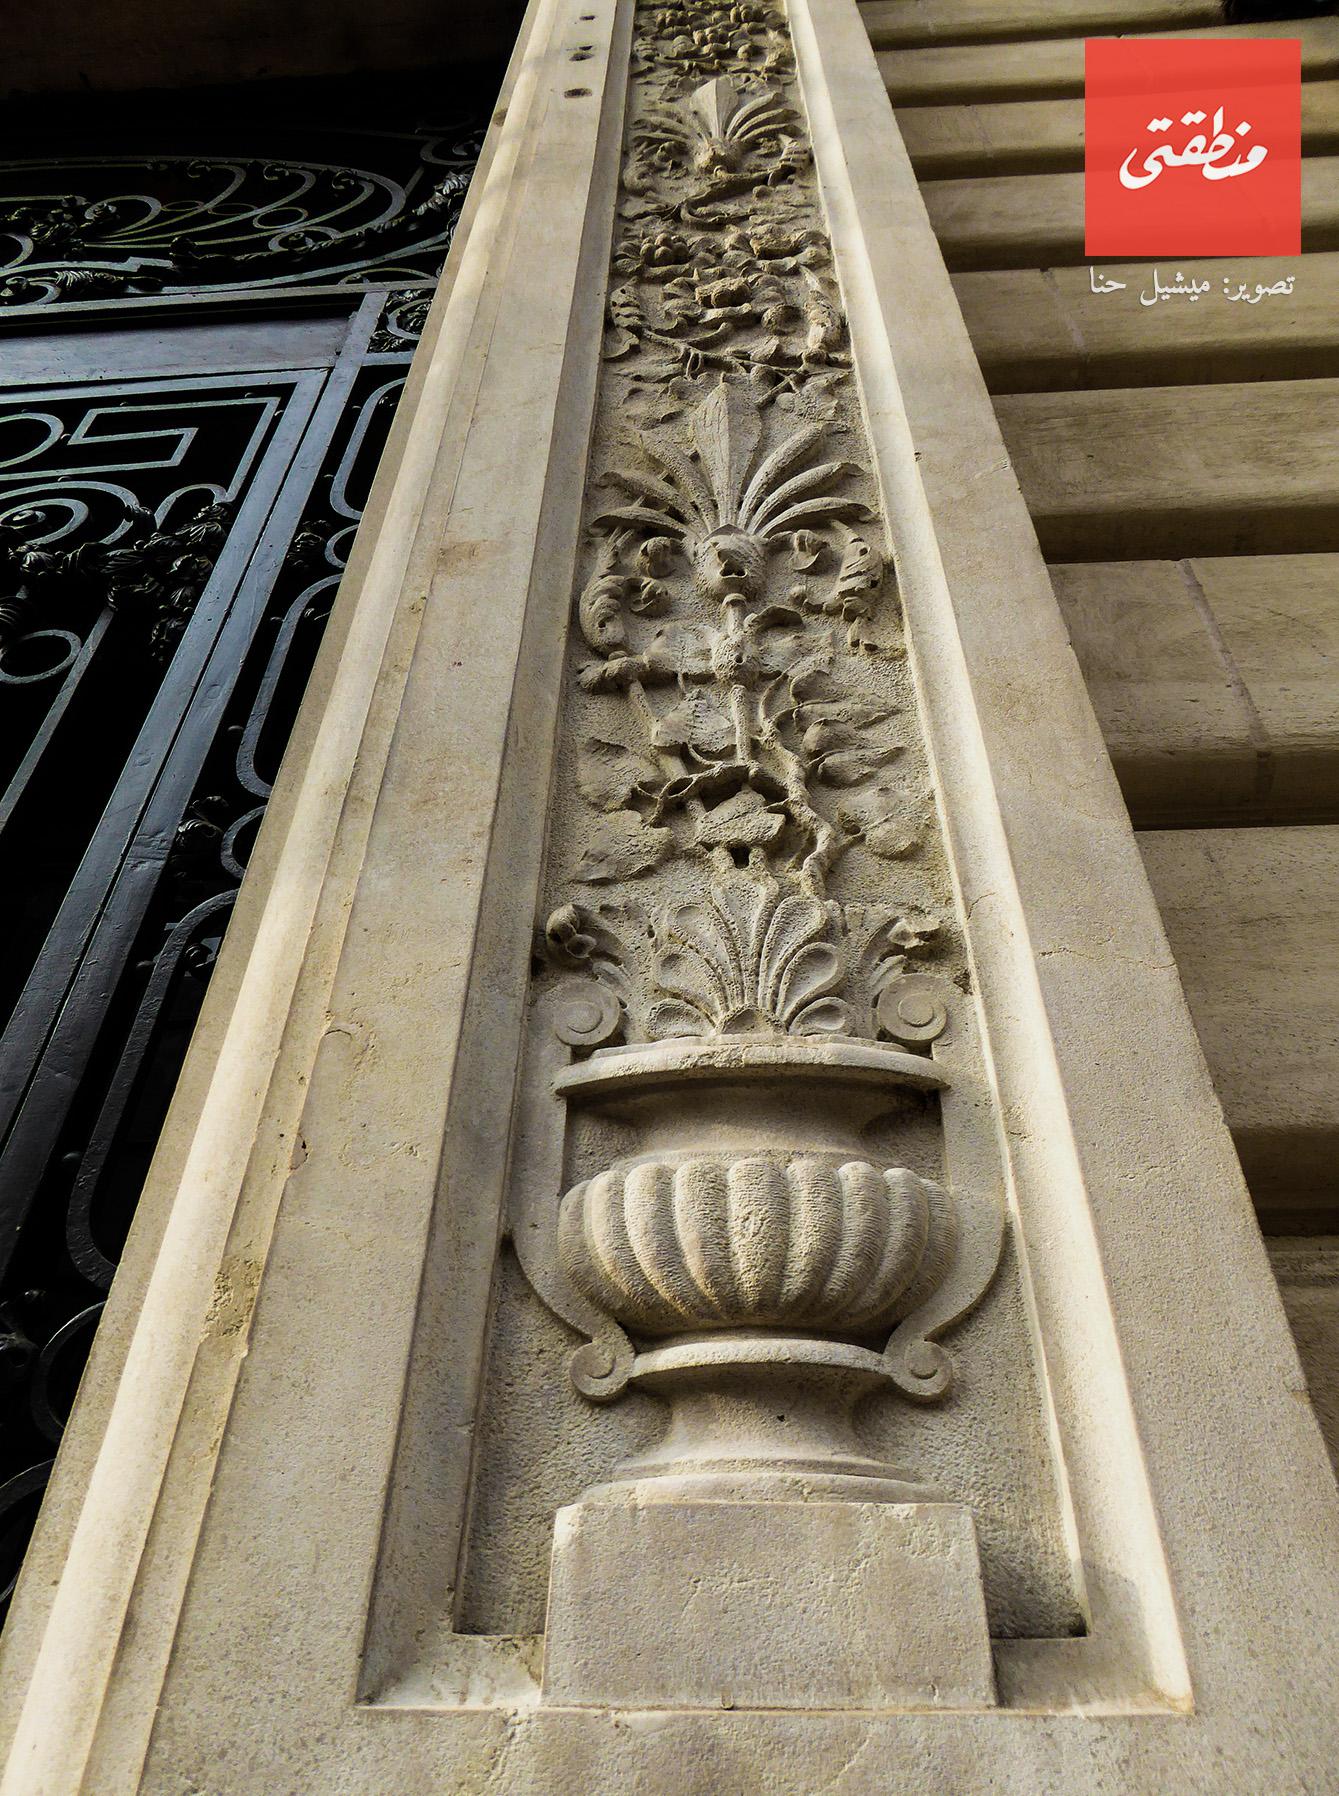 زخارف تزين إفريز باب المصرف العربي الدولي - شارع عبد الخالق ثروت.